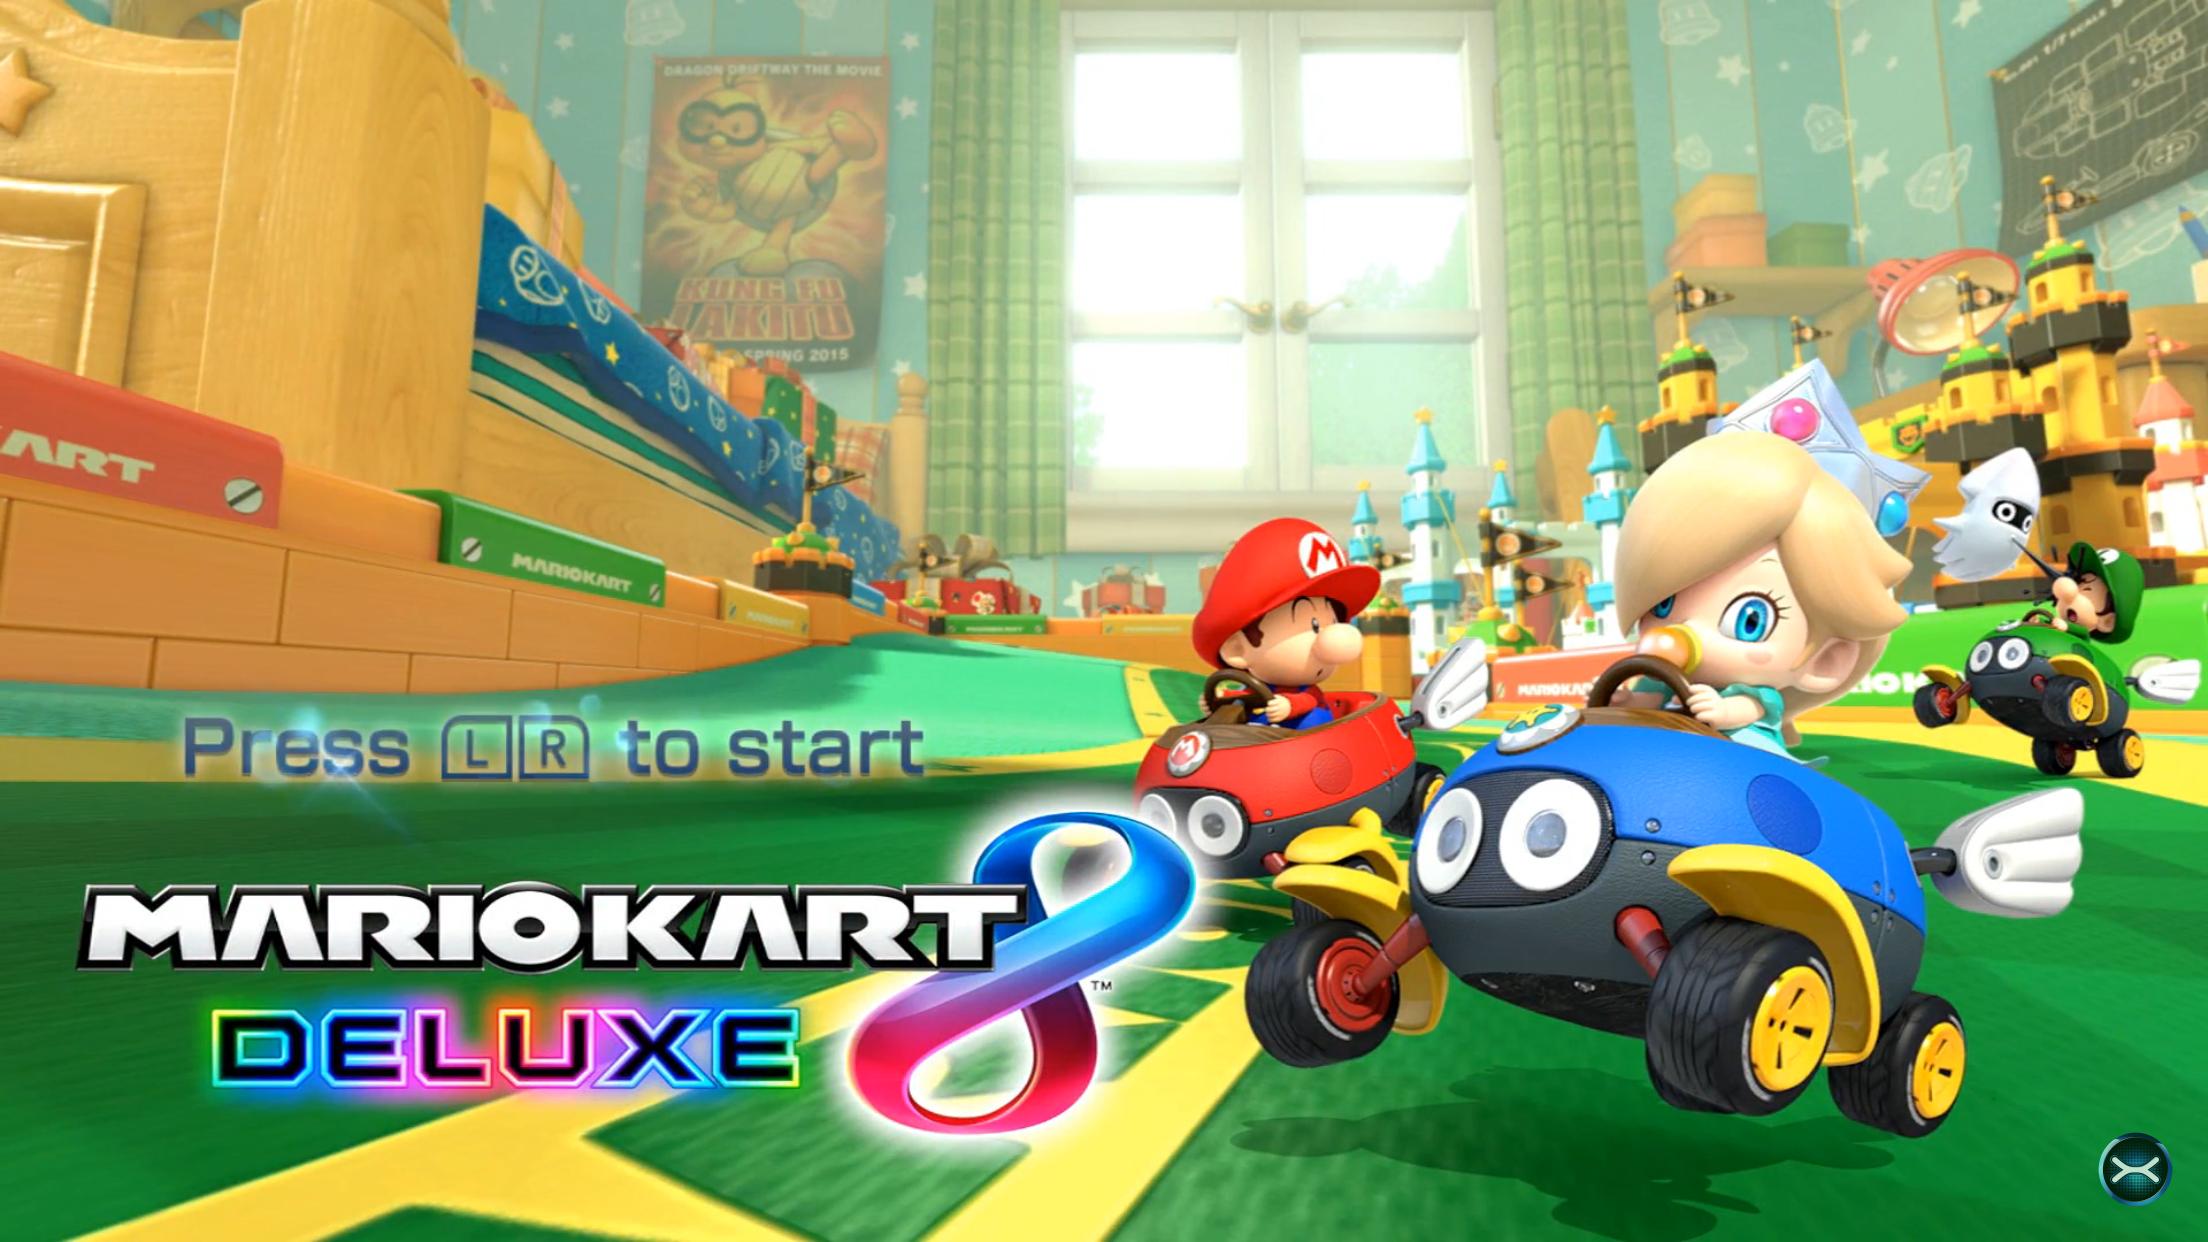 Mario Kart 8 Deluxe Title Screen Mario Kart Mario Kart 8 Mario